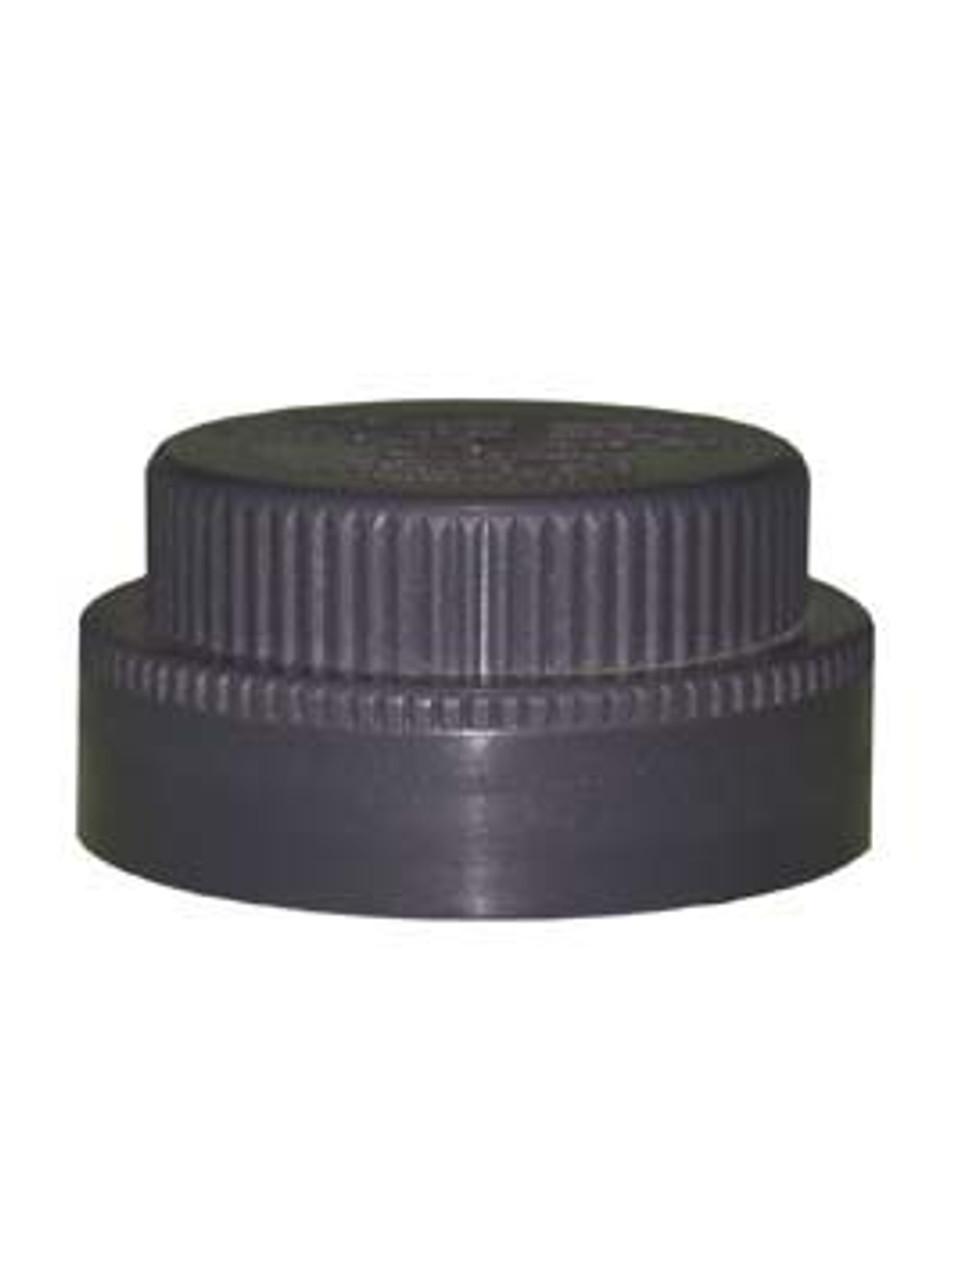 17556 --- Model 6 Master Cylinder Cap